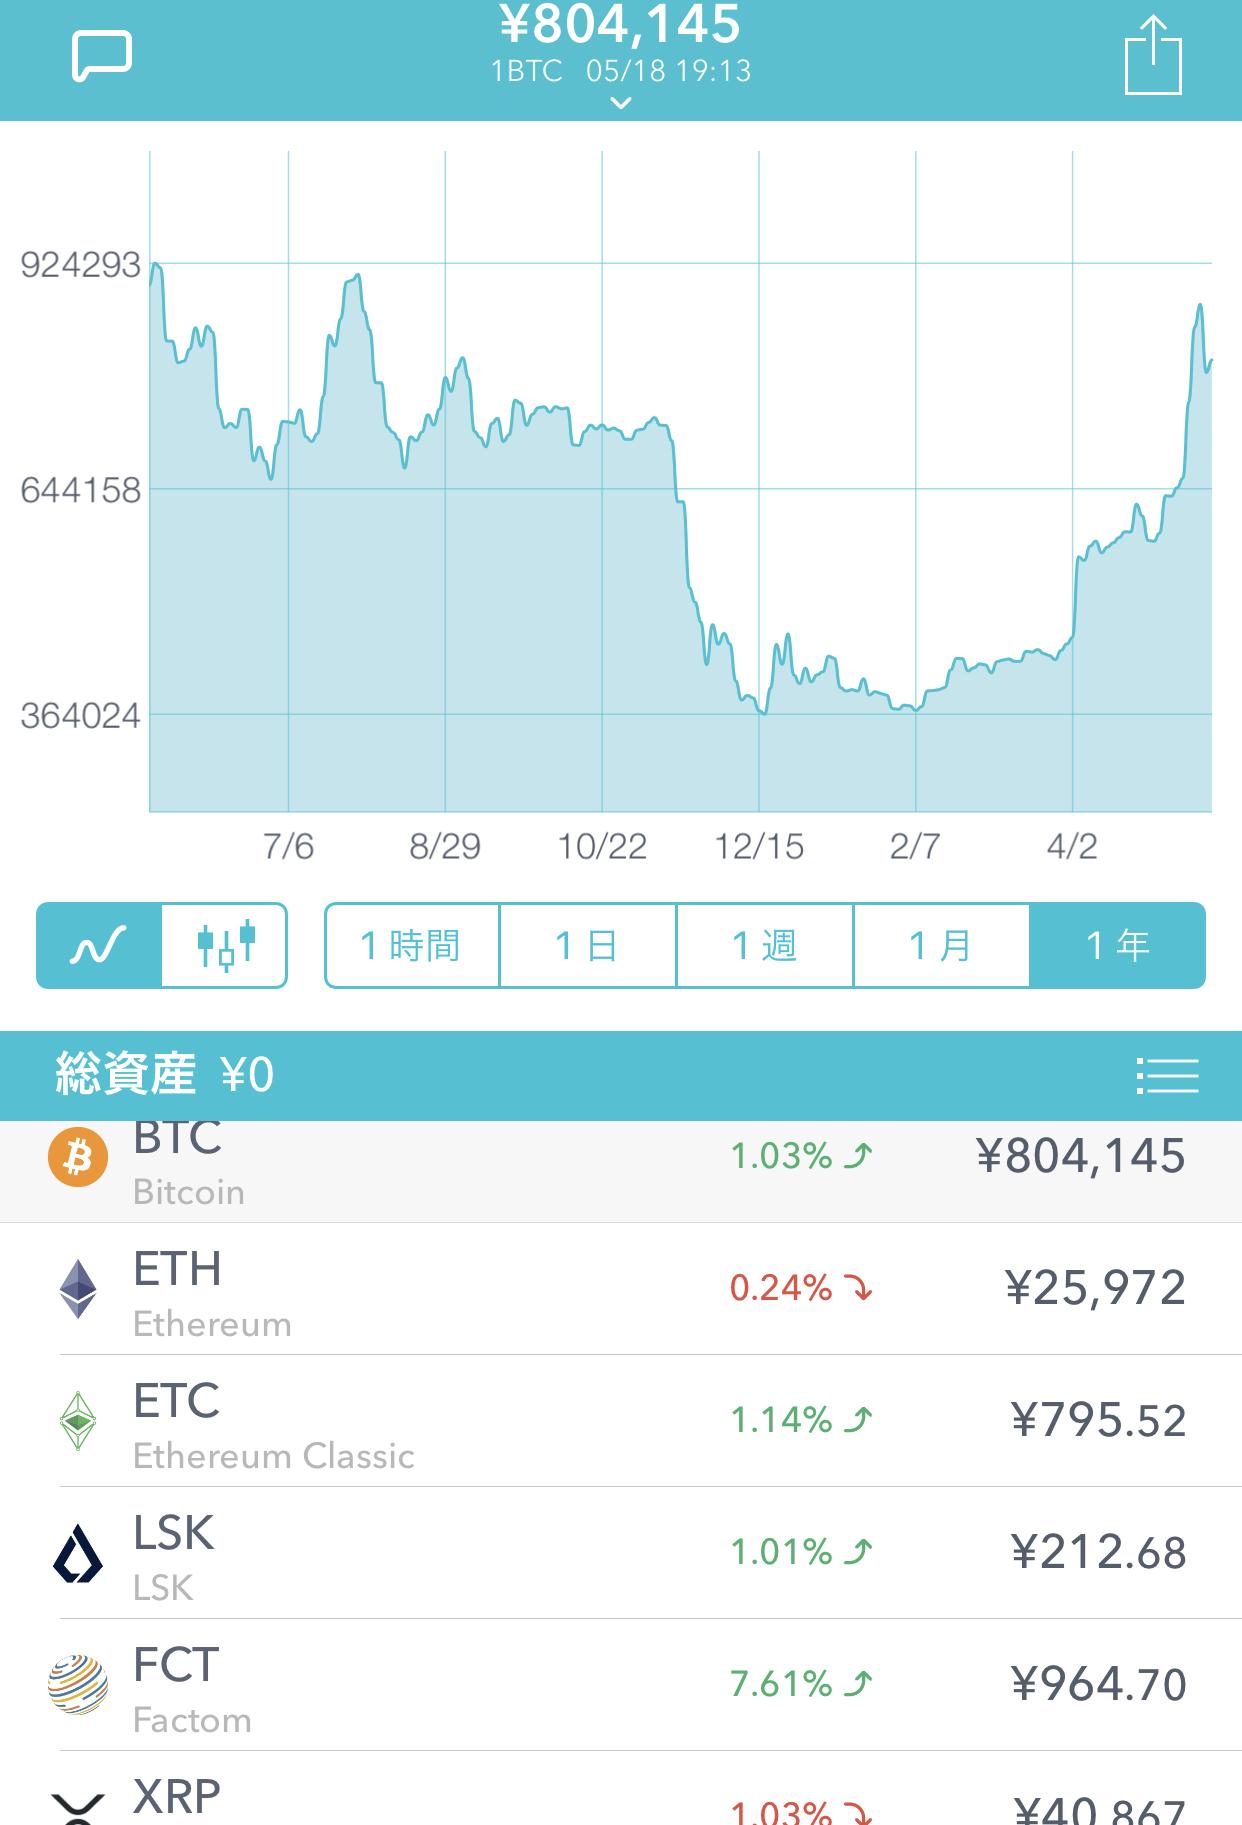 ビットコイン価格は年8月までに「10万ドル」へ高騰=米ファンドが予測公表 | CoinPartner(コインパートナー)